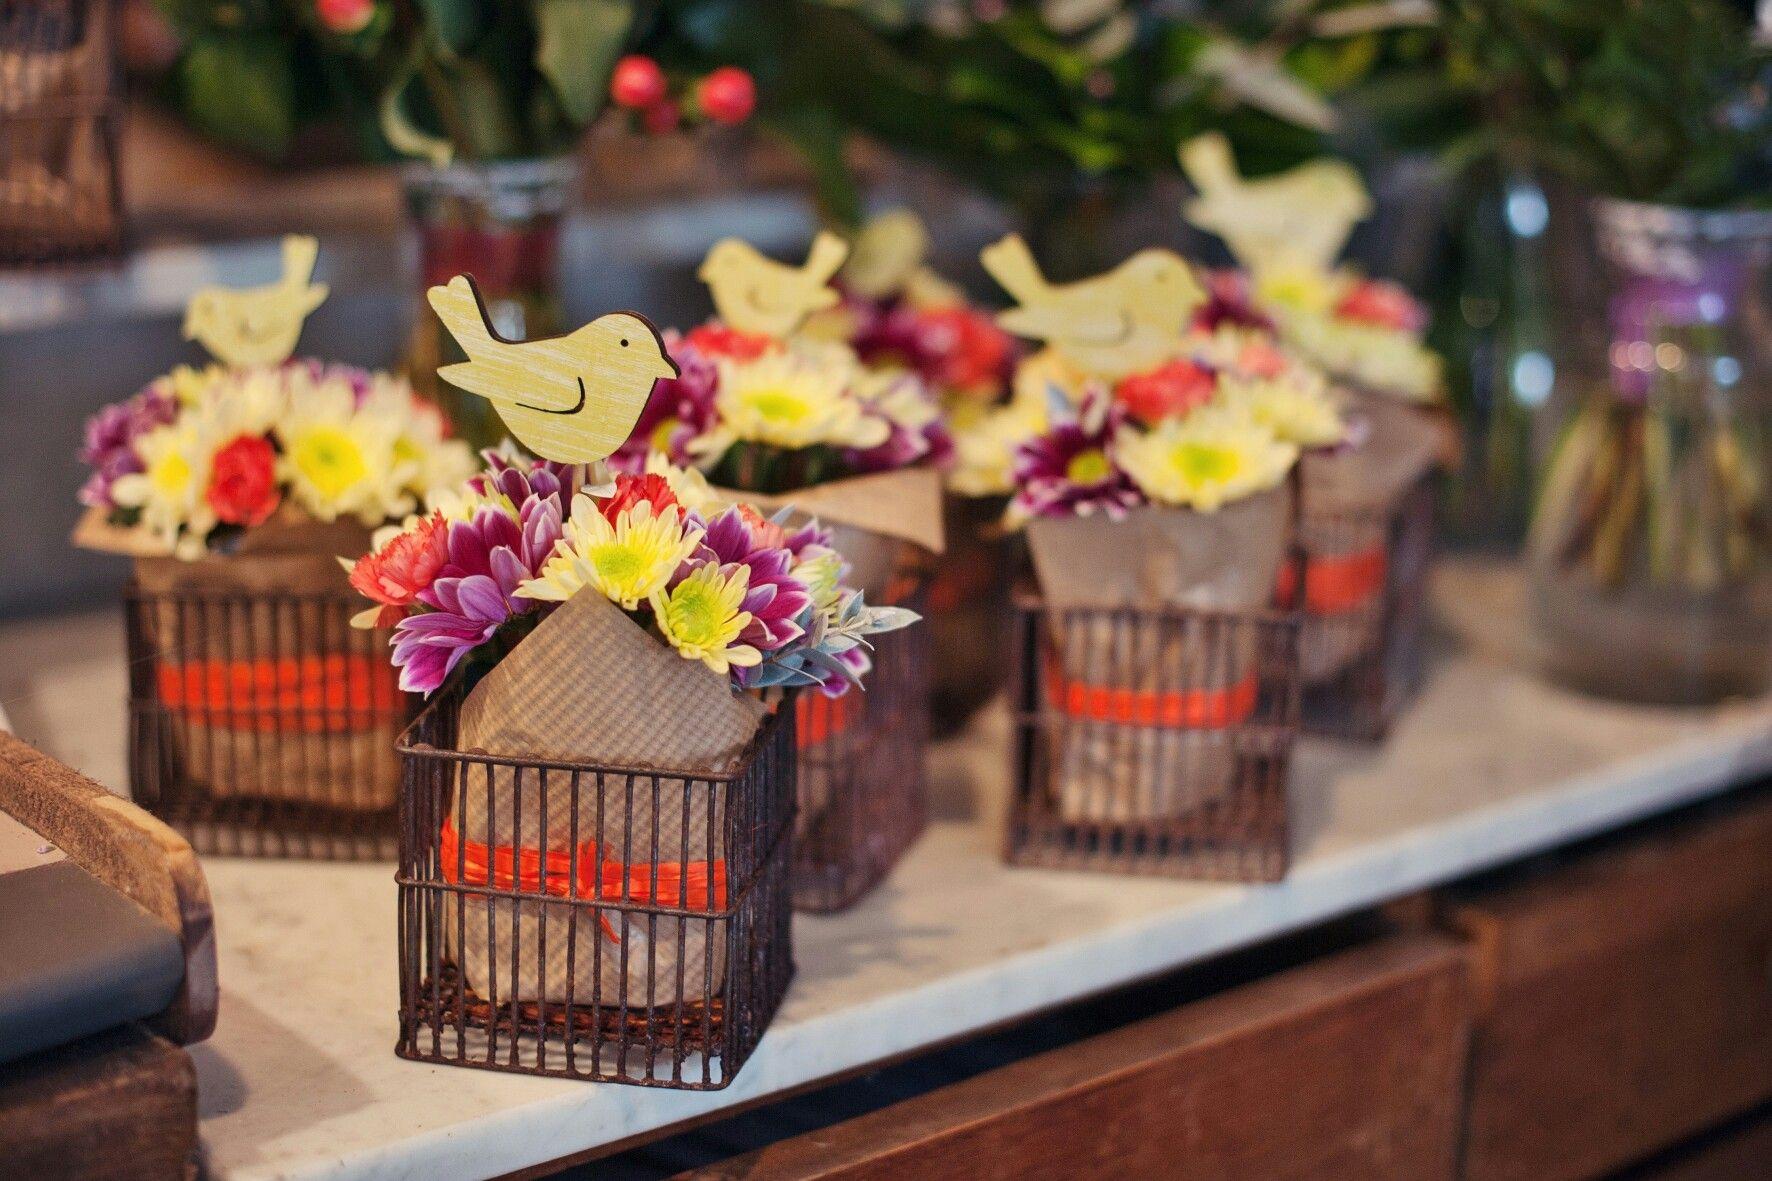 Zakonczenie Roku Szkolnego Nie Masz Pomyslu Na Co Sie Zdecydowac Zobacz Nasze Pomysly Na Kwiaty Z Okazji Table Decorations Decor Novelty Lamp